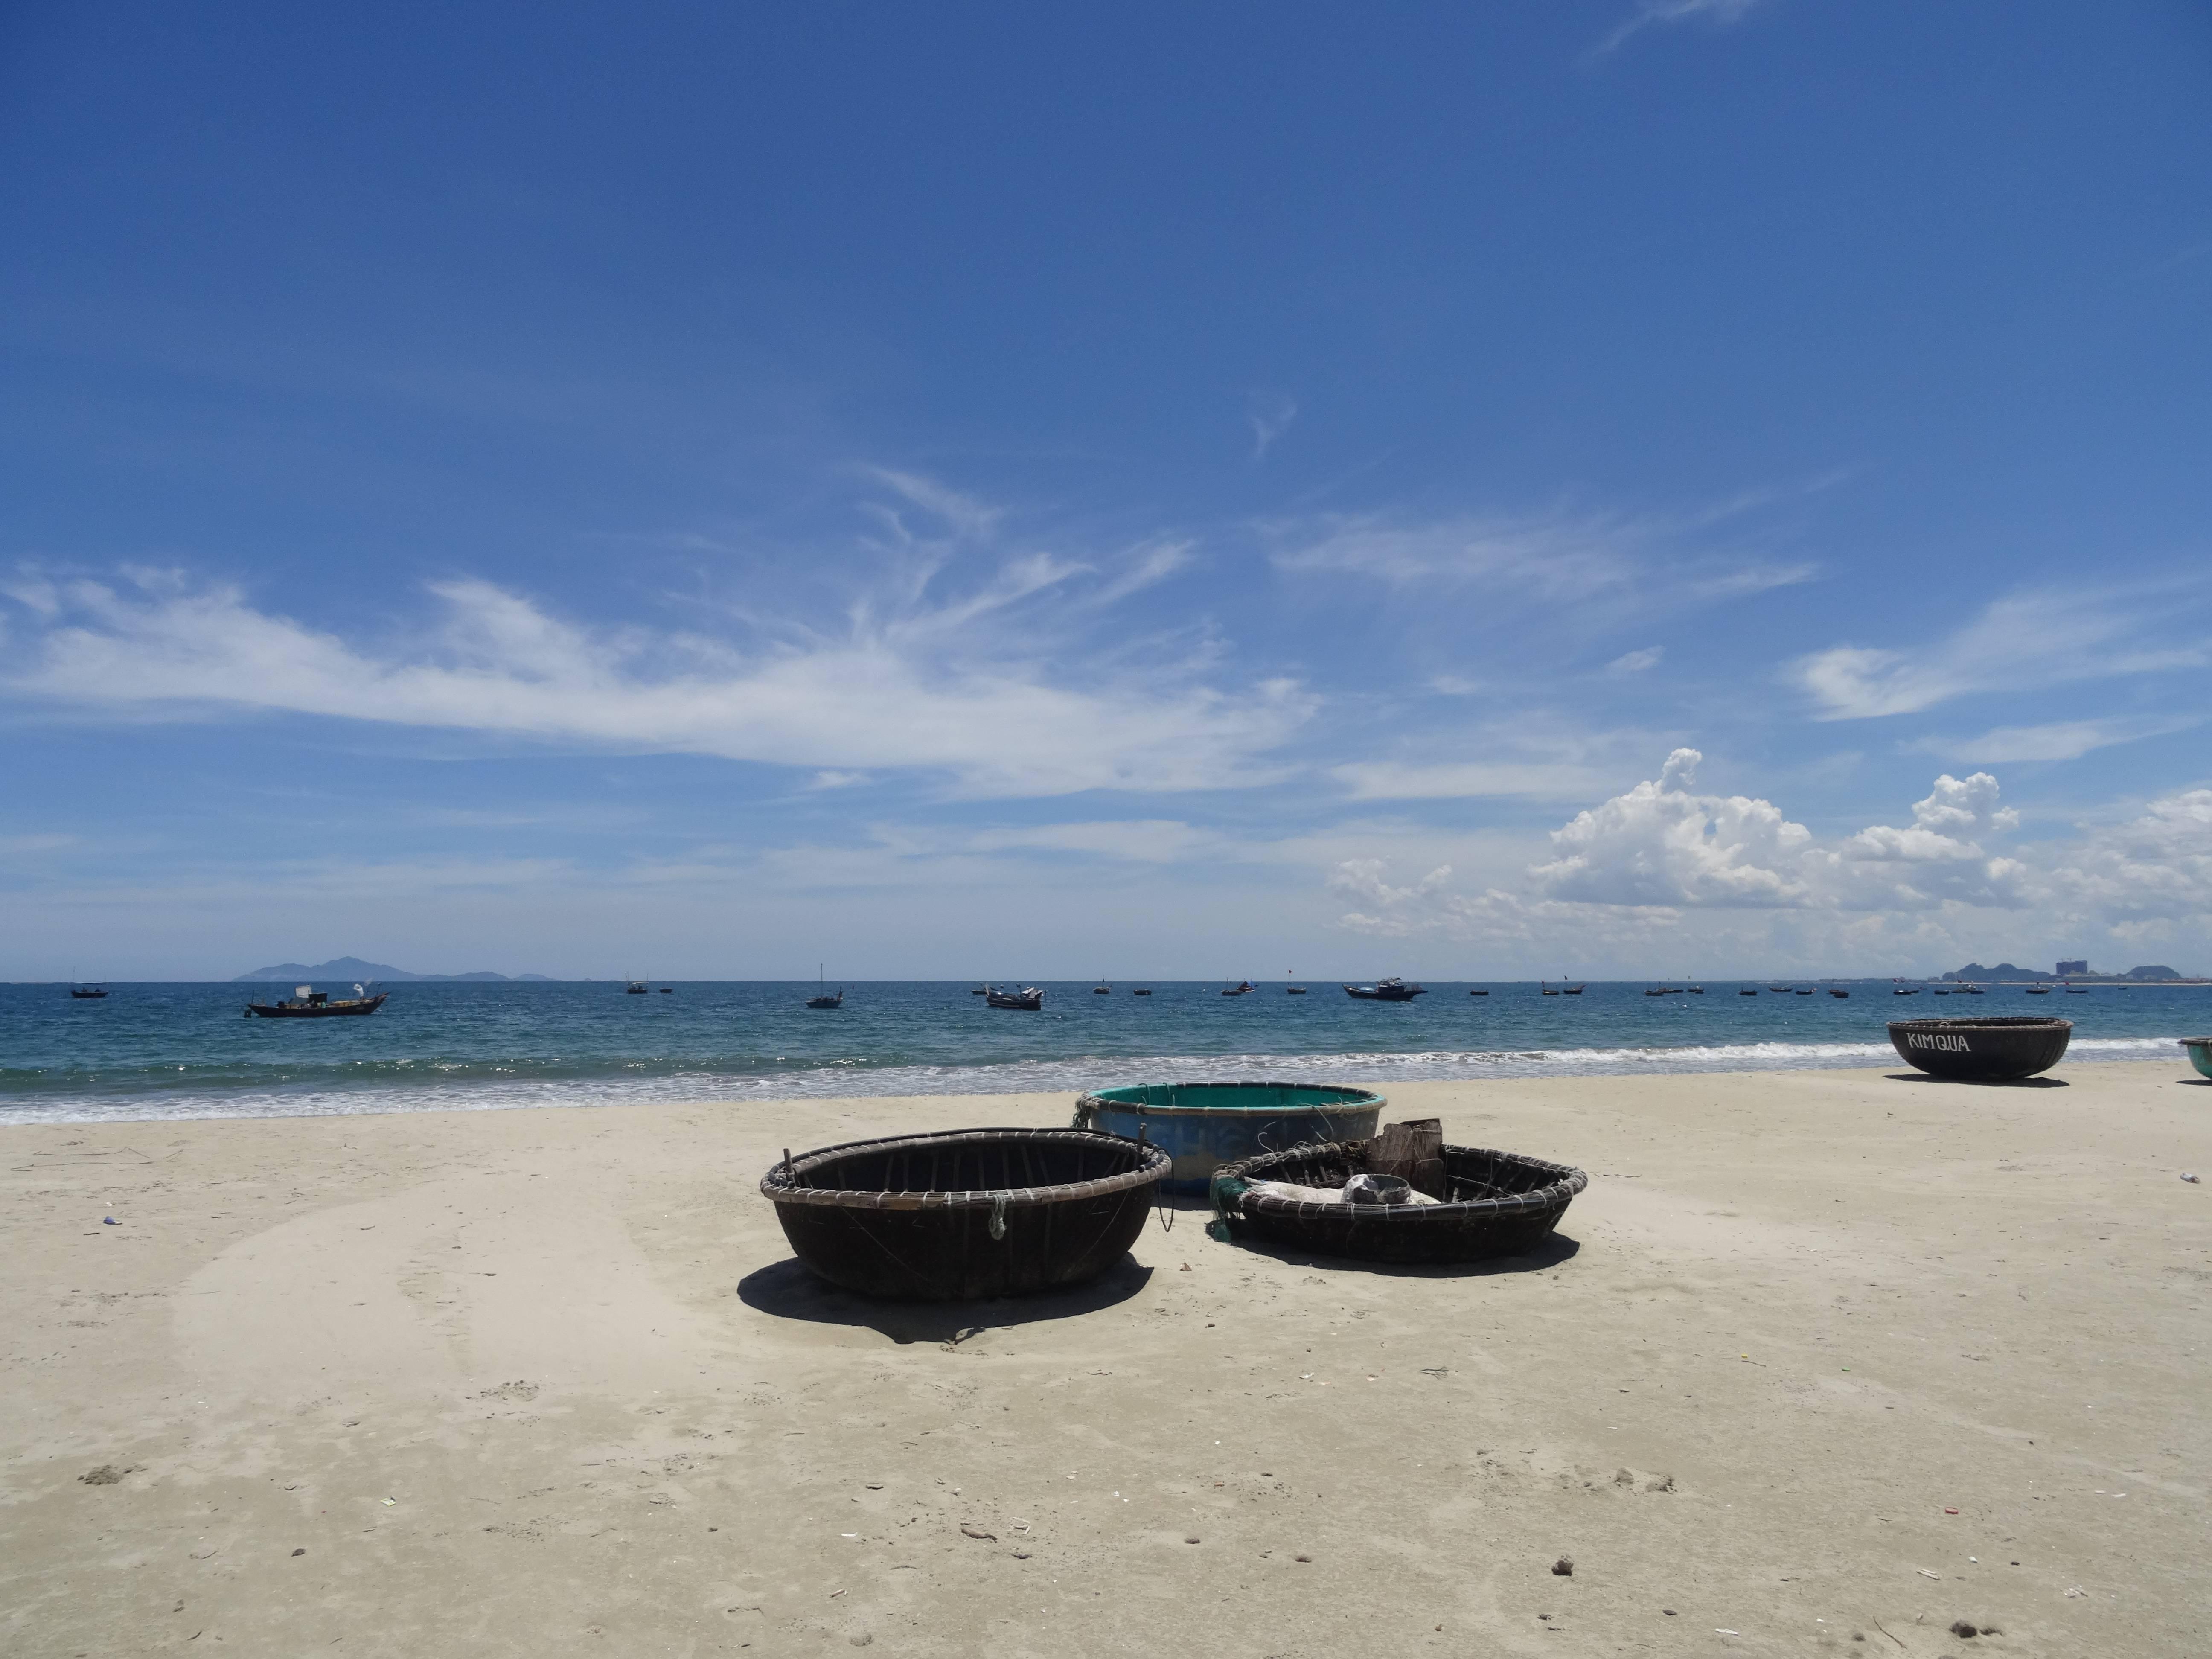 Photo 1: Da Nang et ses bateaux ronds typiques.....